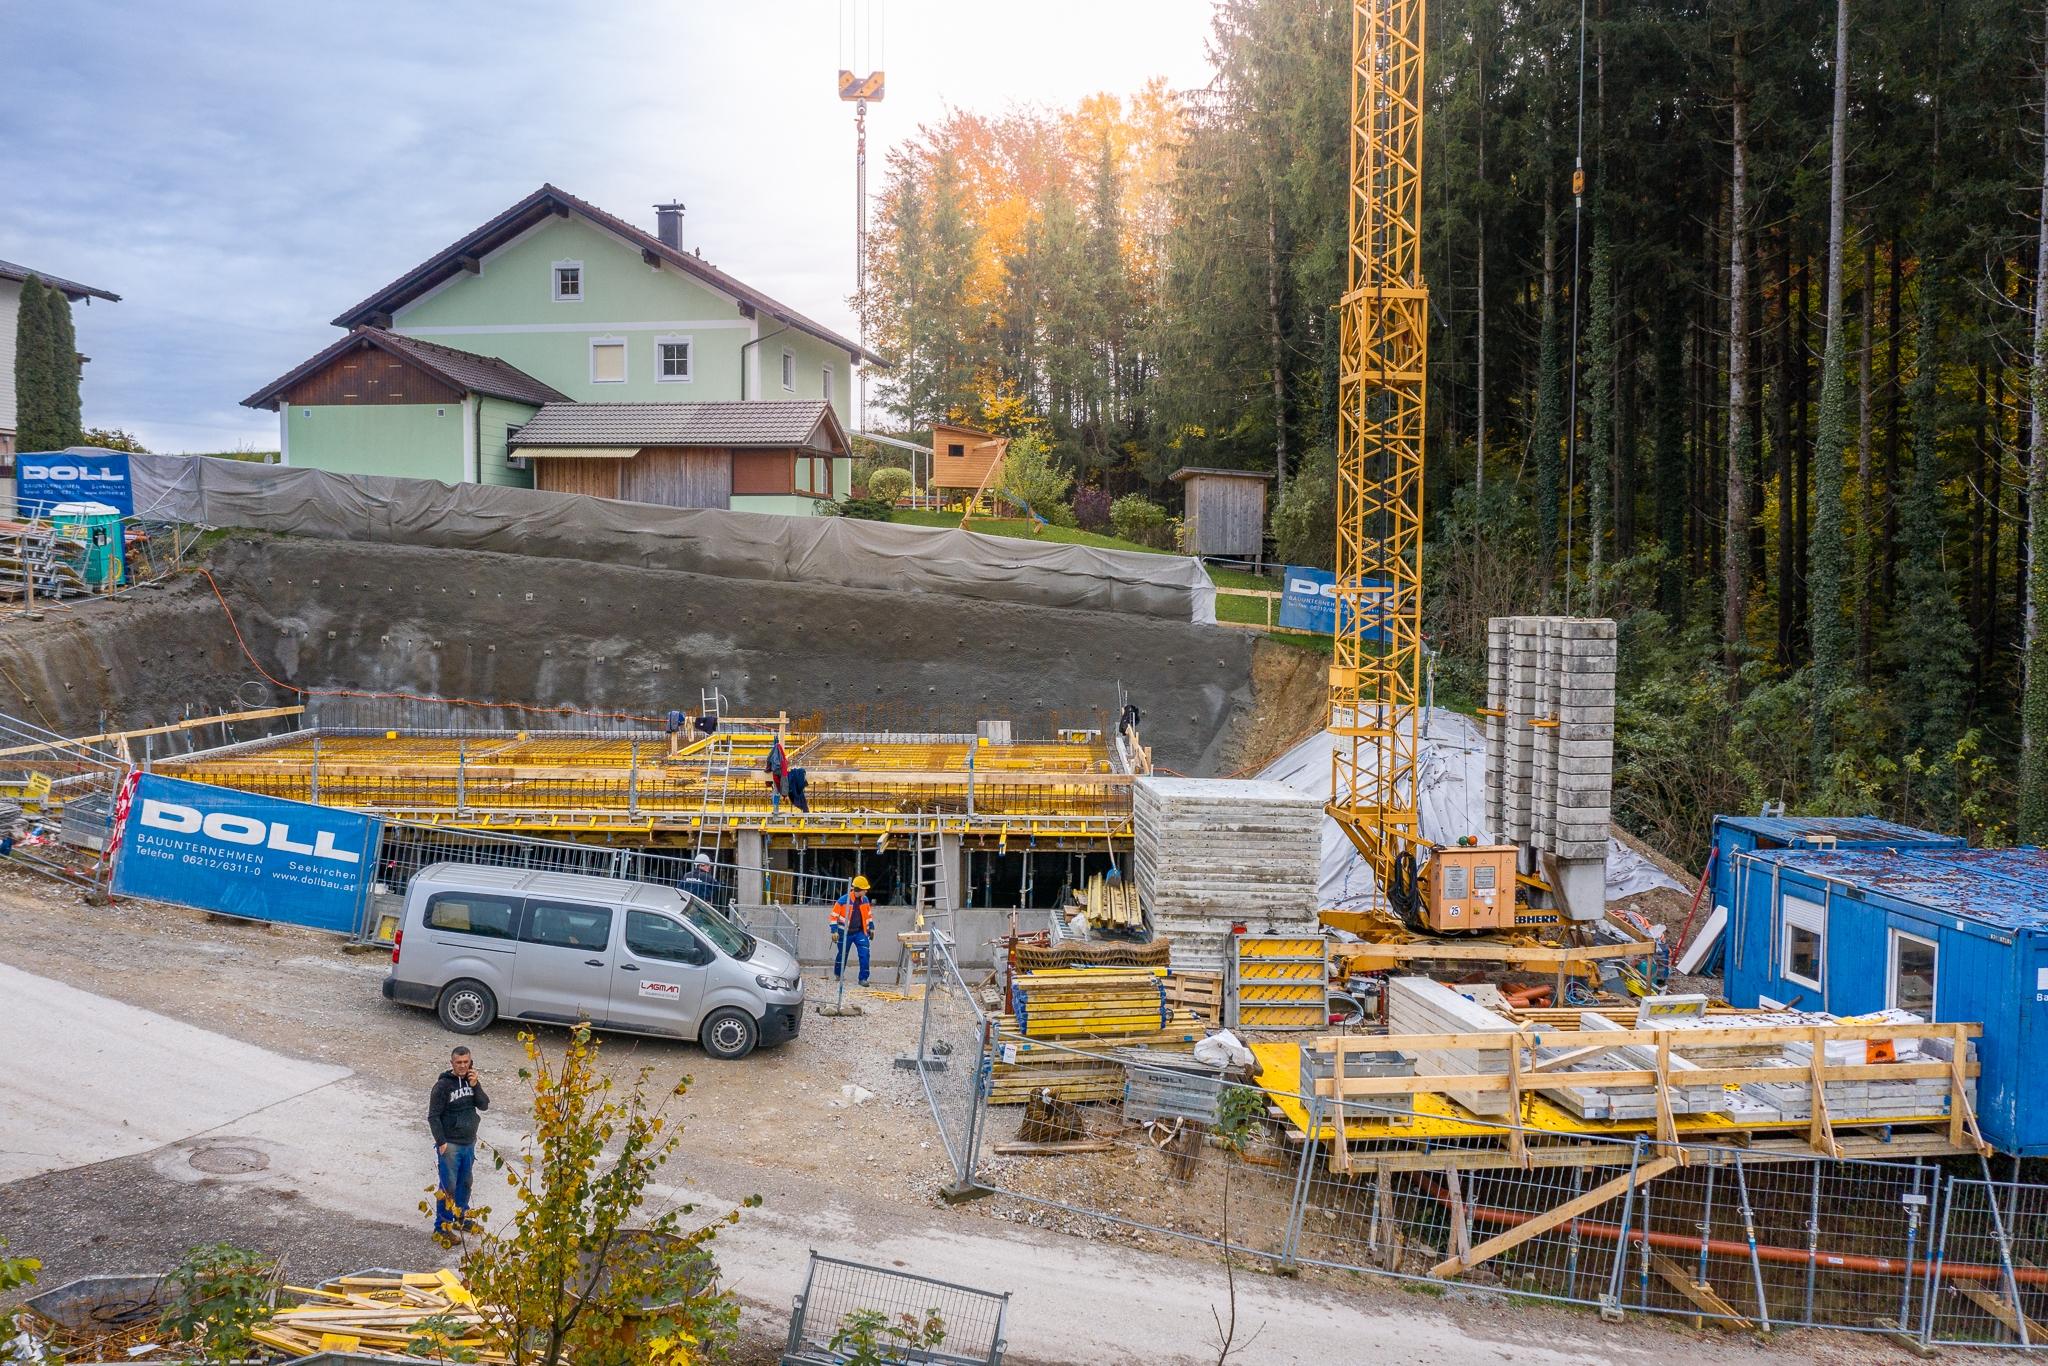 Mattsee Baufortschritt KW44 02 WEB